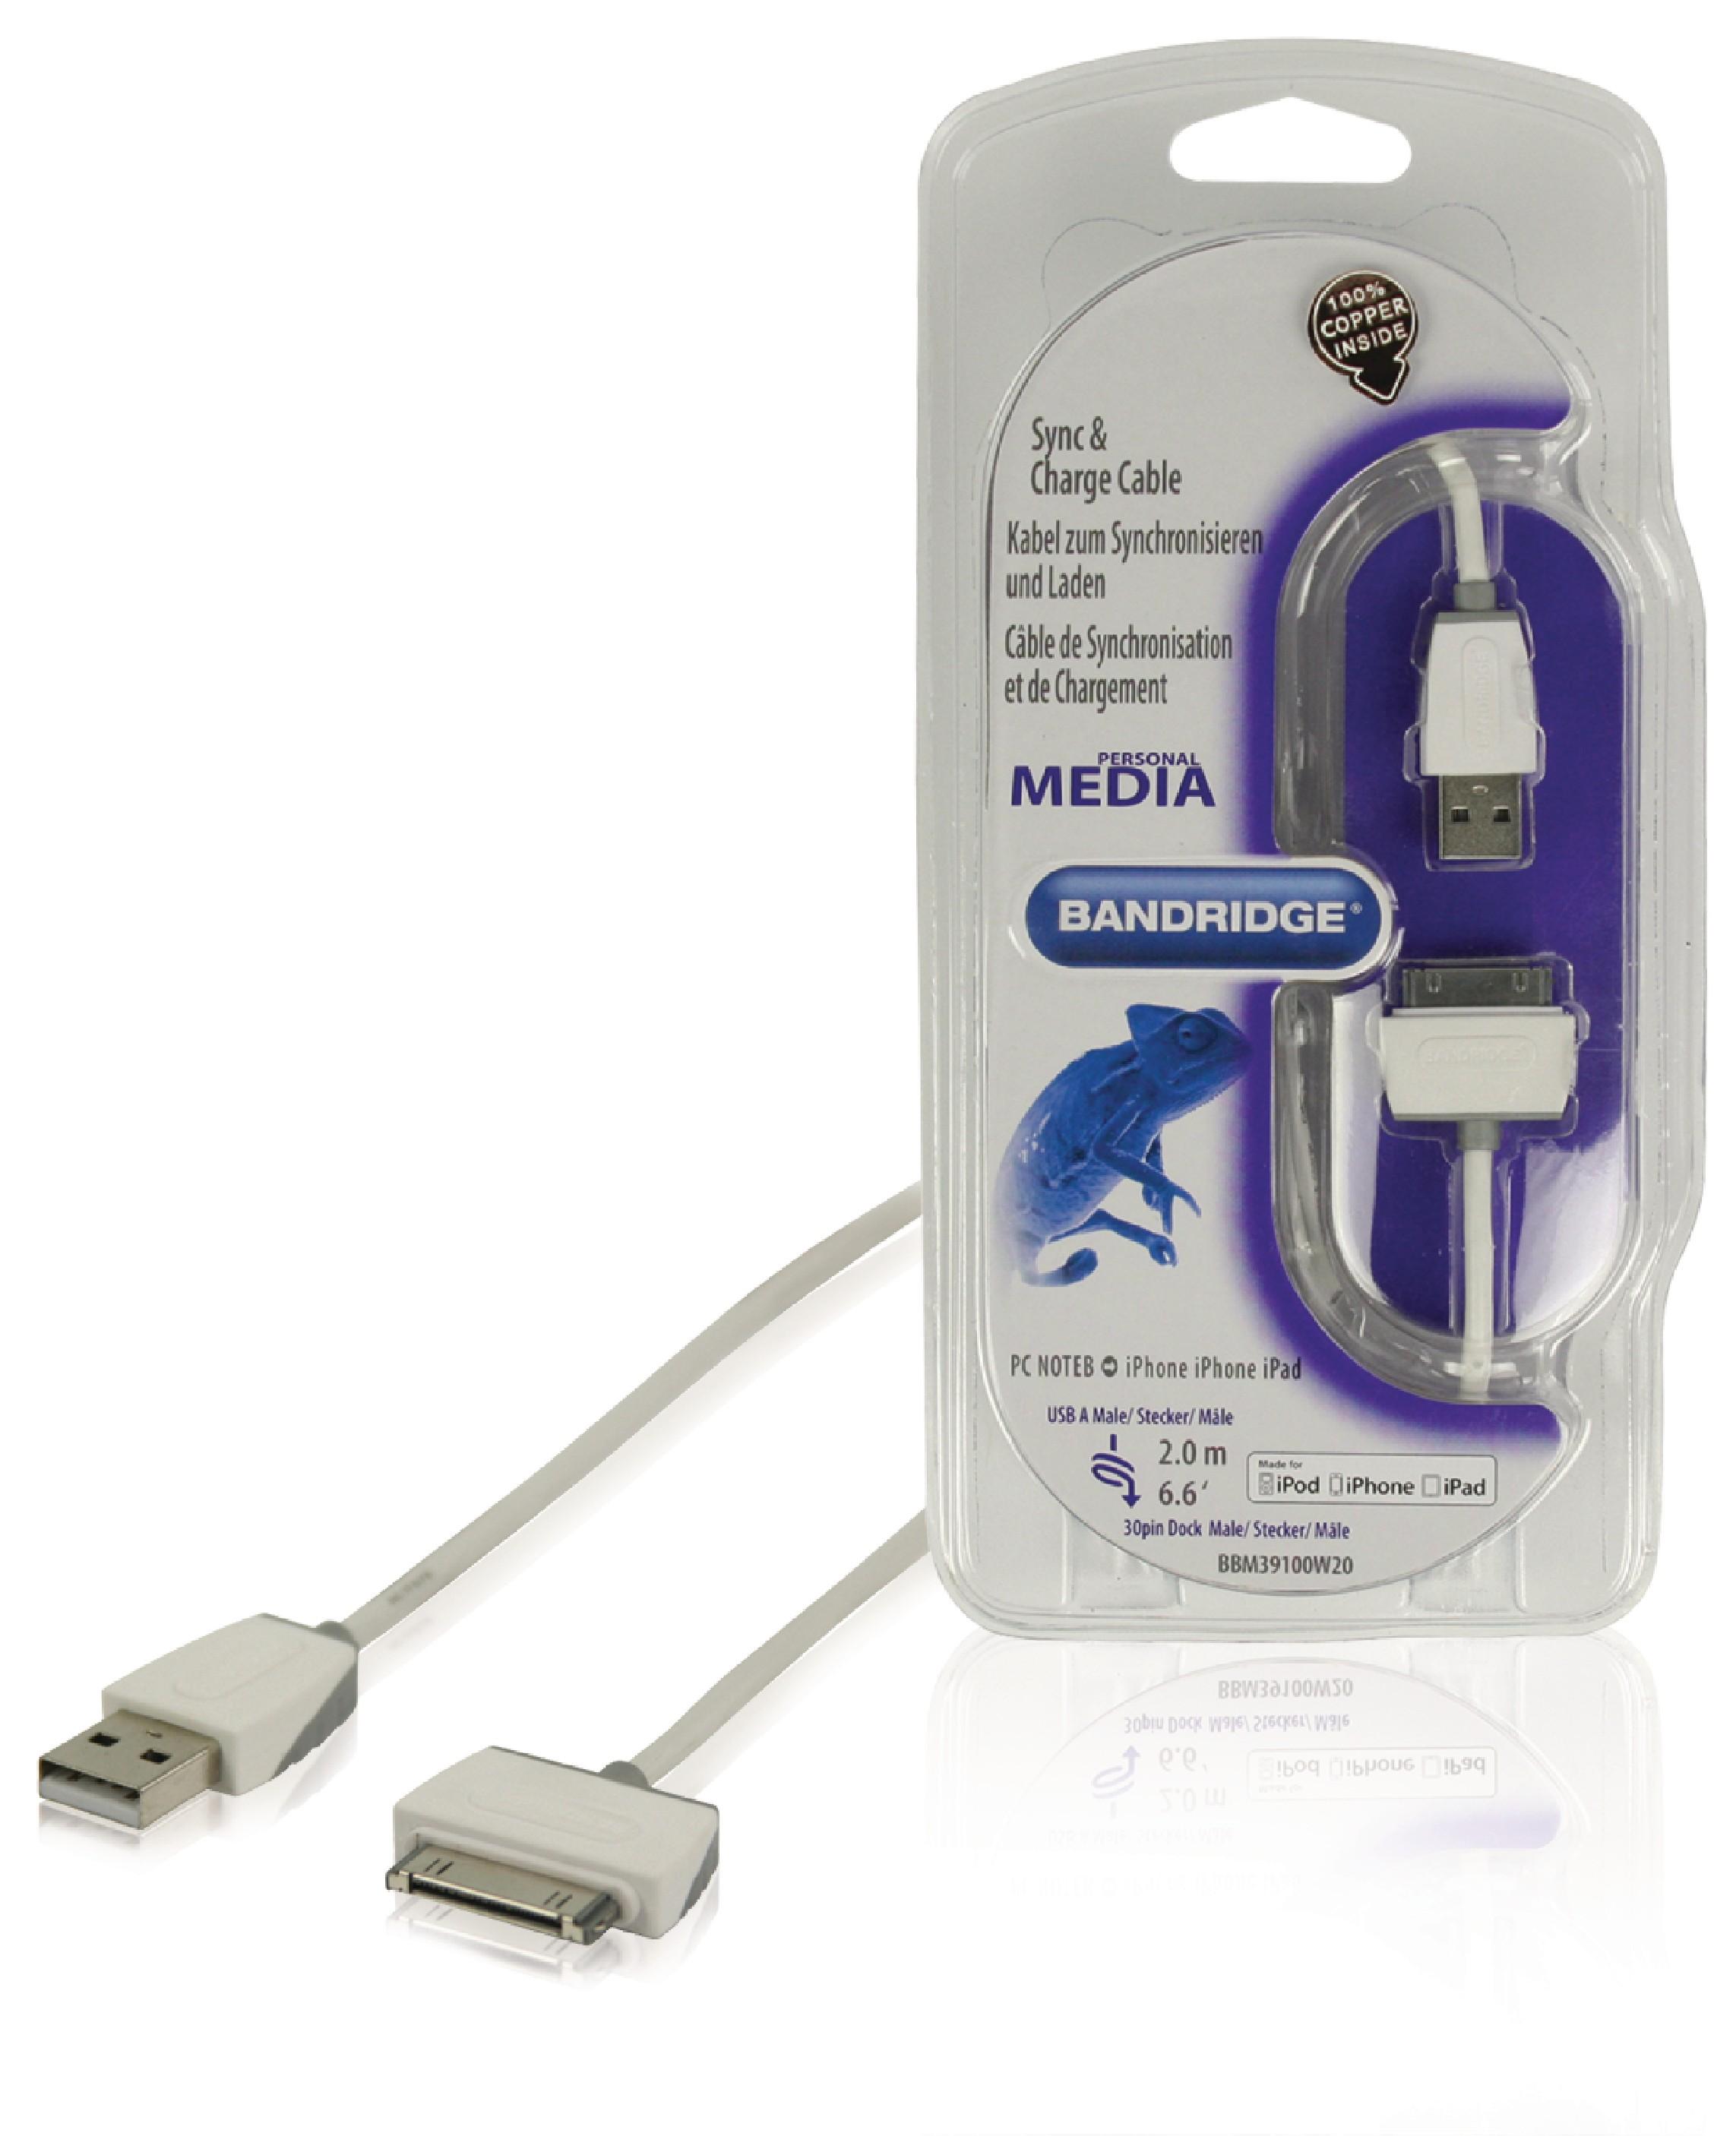 Bandridge High Performance data kabel zástrčka Apple 30-pin - zástrčka USB A, 2 m BBM39100W20